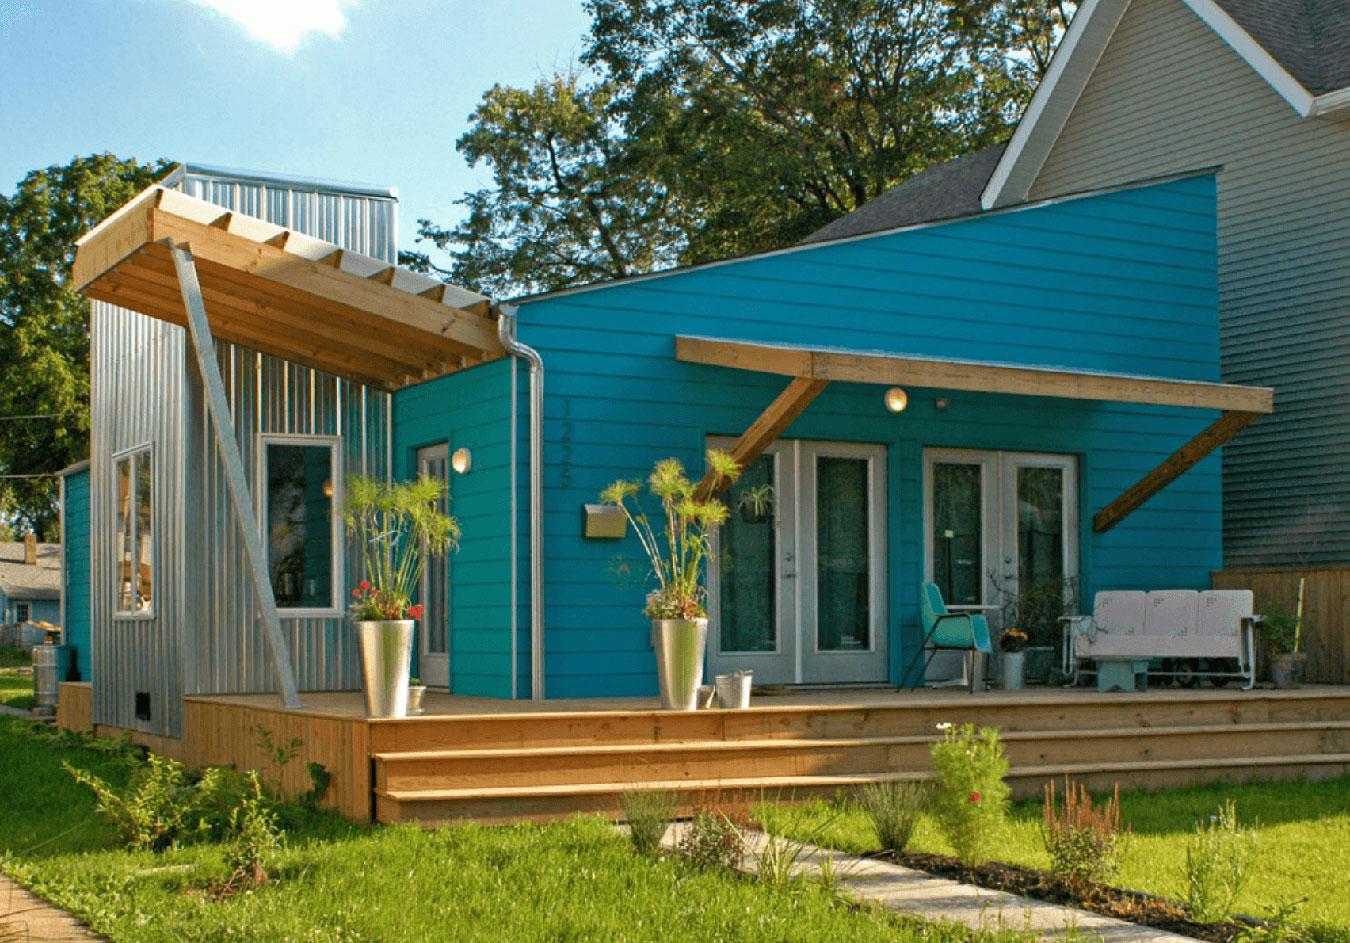 Modelos de casas pequenas 60 fotos projetos e plantas for Casas modernas pequenas imagenes